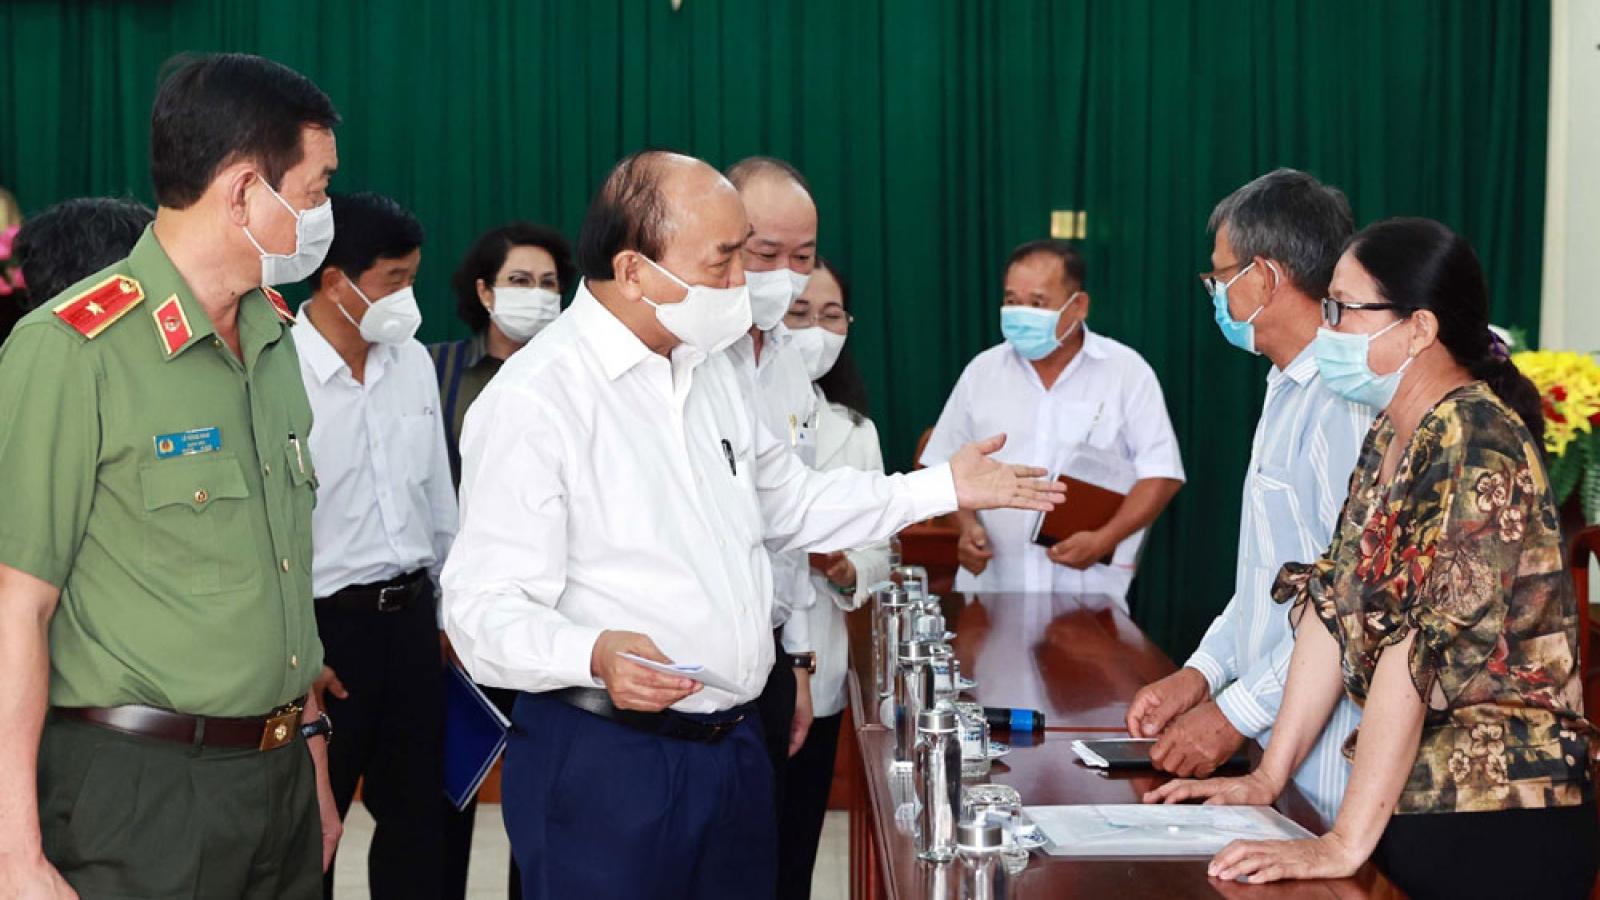 Chủ tịch nước yêu cầu giải quyết dứt điểm khiếu nại tại Dự án Công viên Sài Gòn - Safari